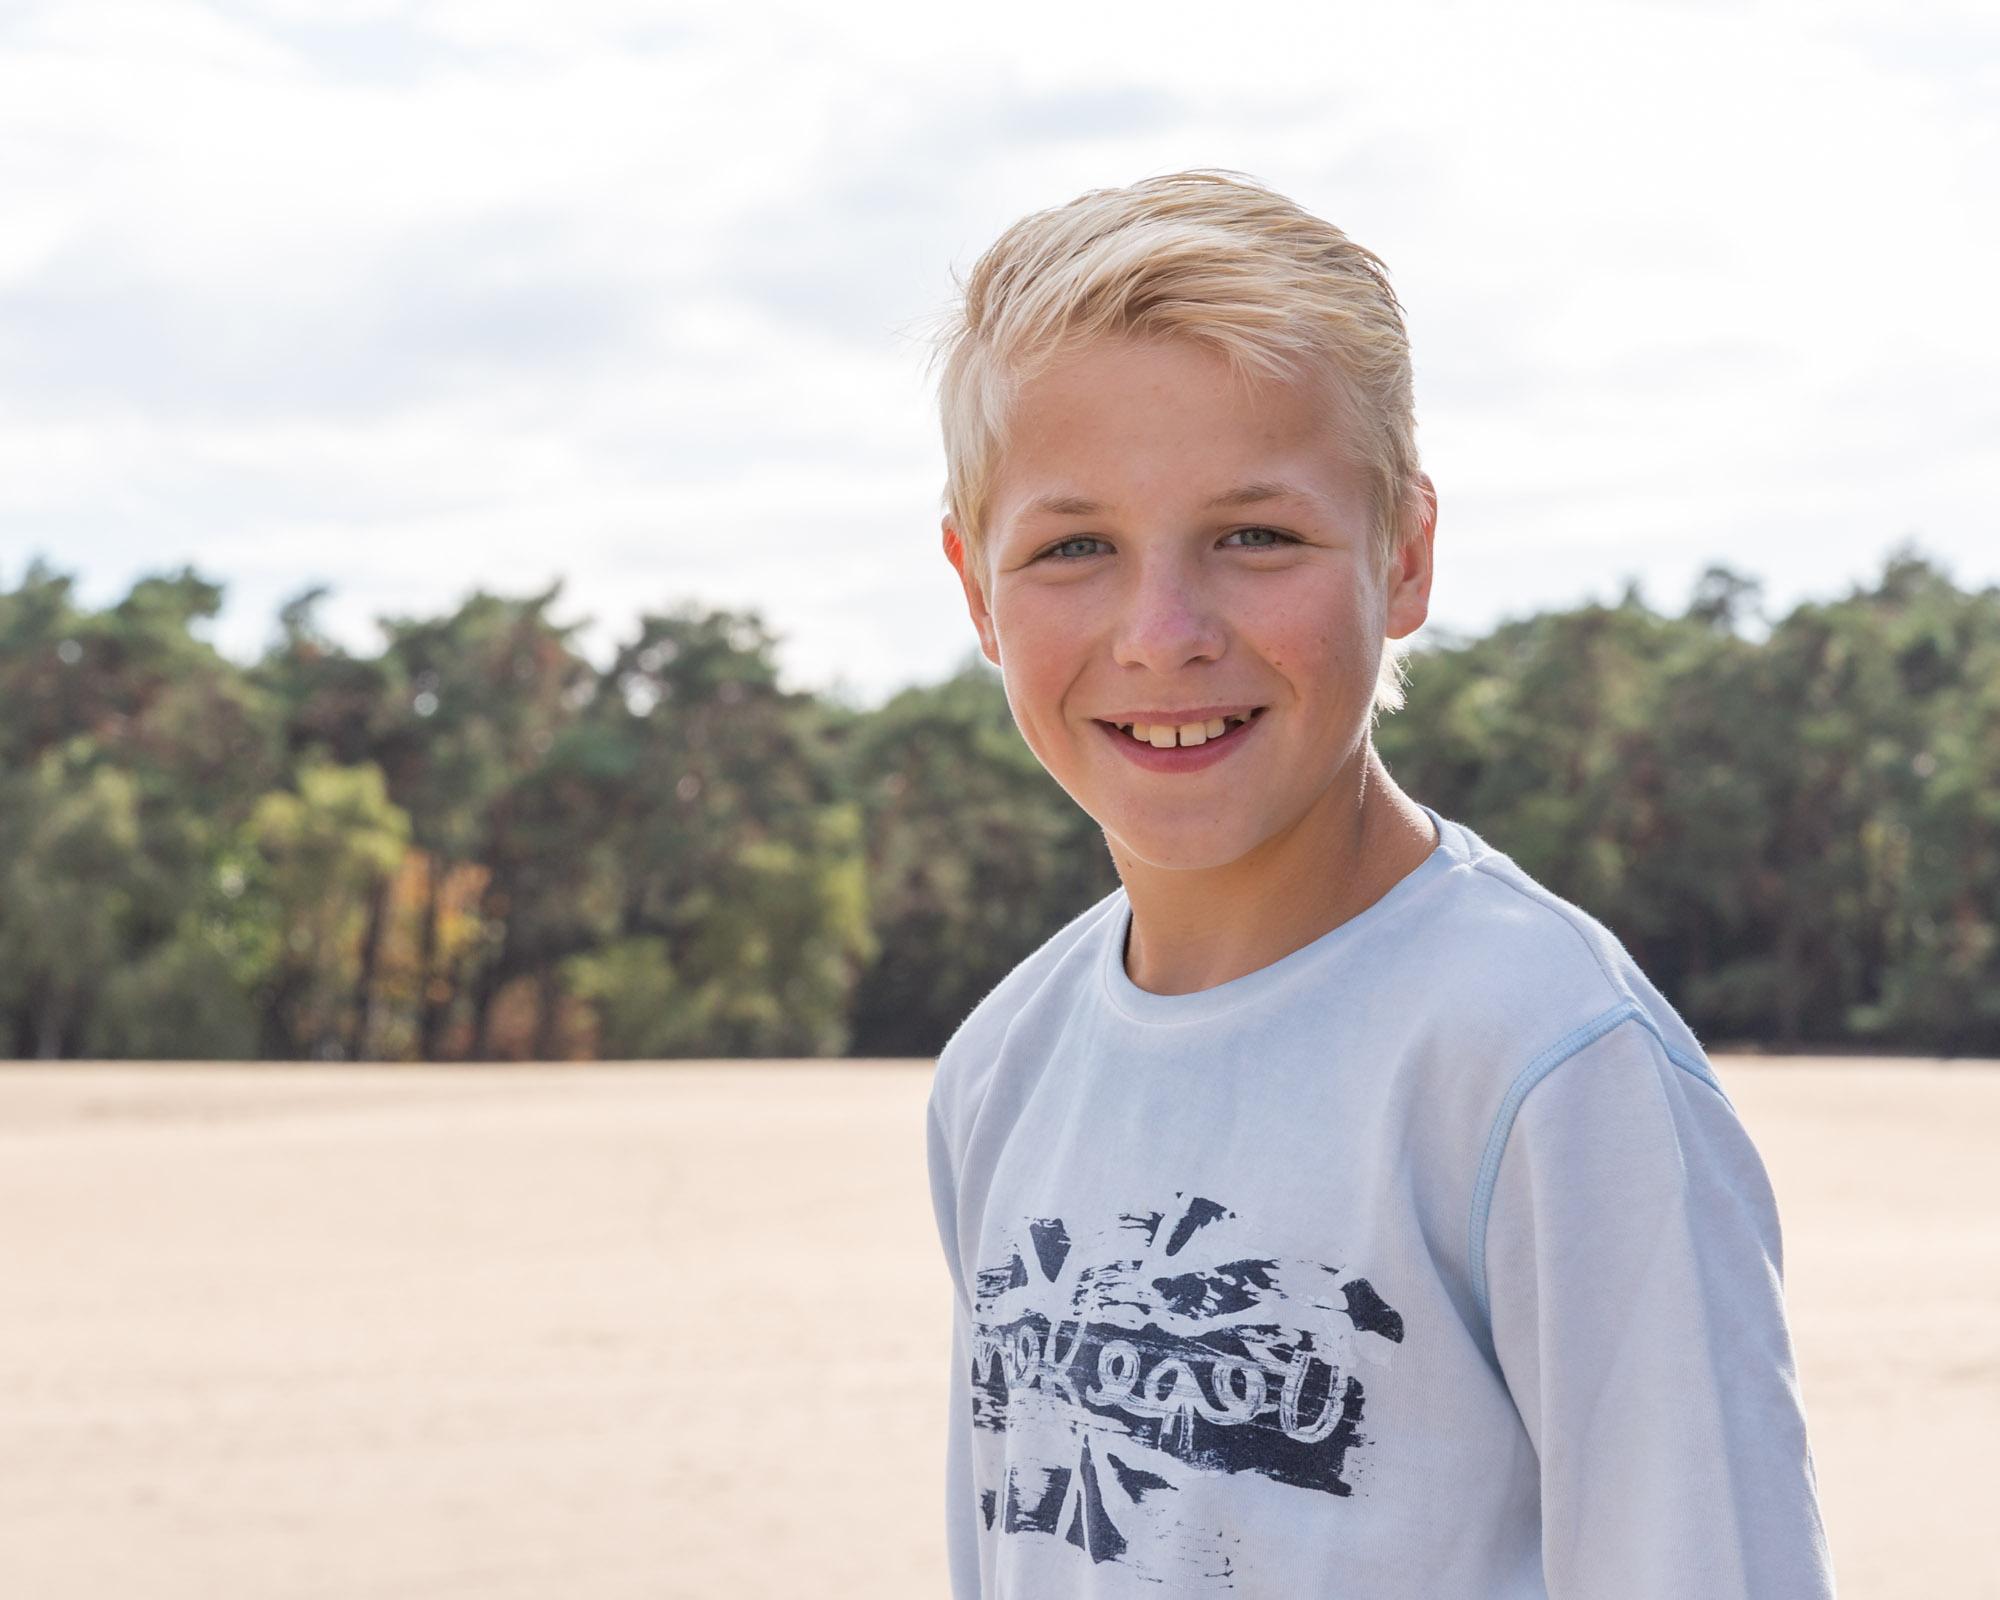 kind portret van blonde jongen bij zandverstuiving door mayrafotografie